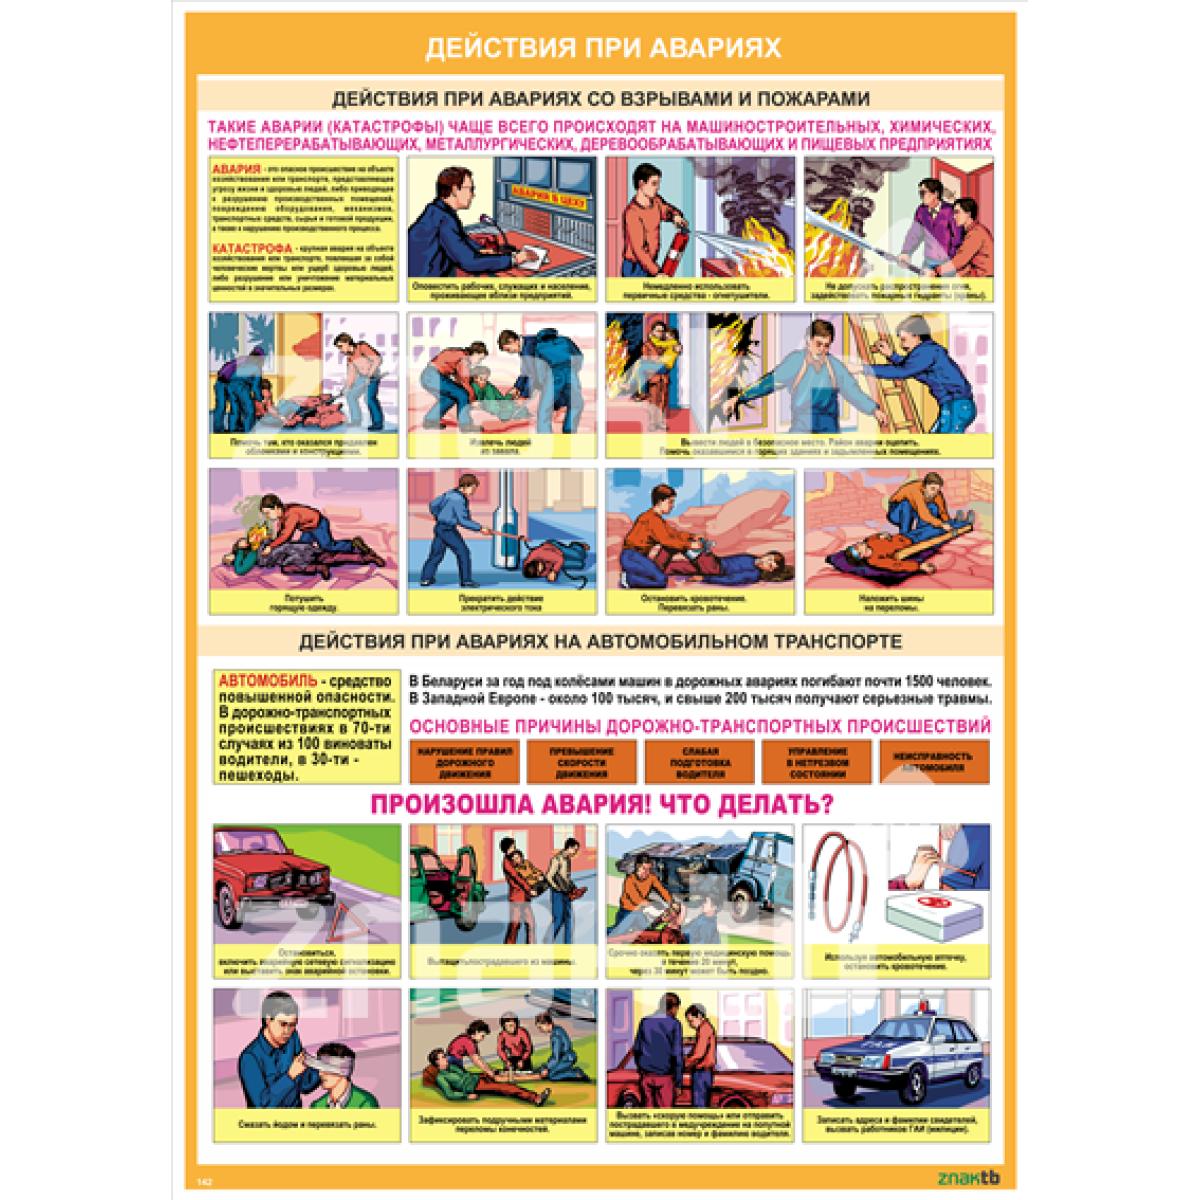 Плакат Действия при авариях со взрывами, на автомобильном транспорте